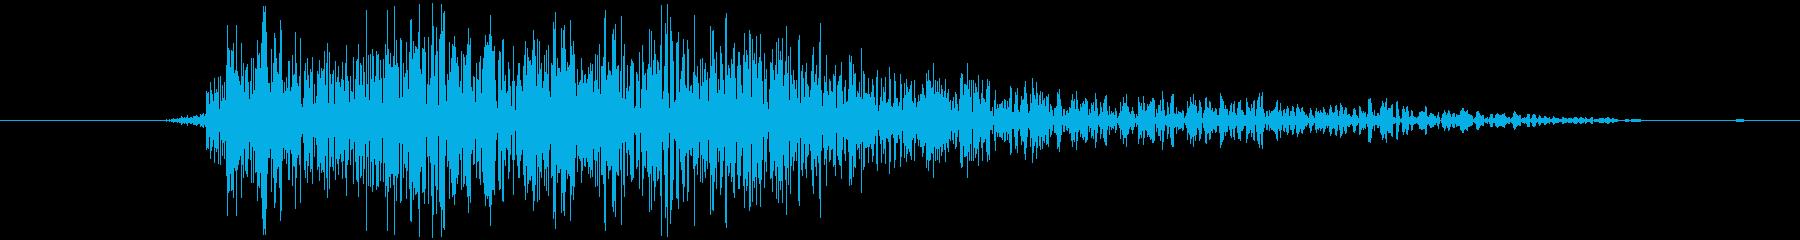 シューティングのショット音 5段階の2の再生済みの波形